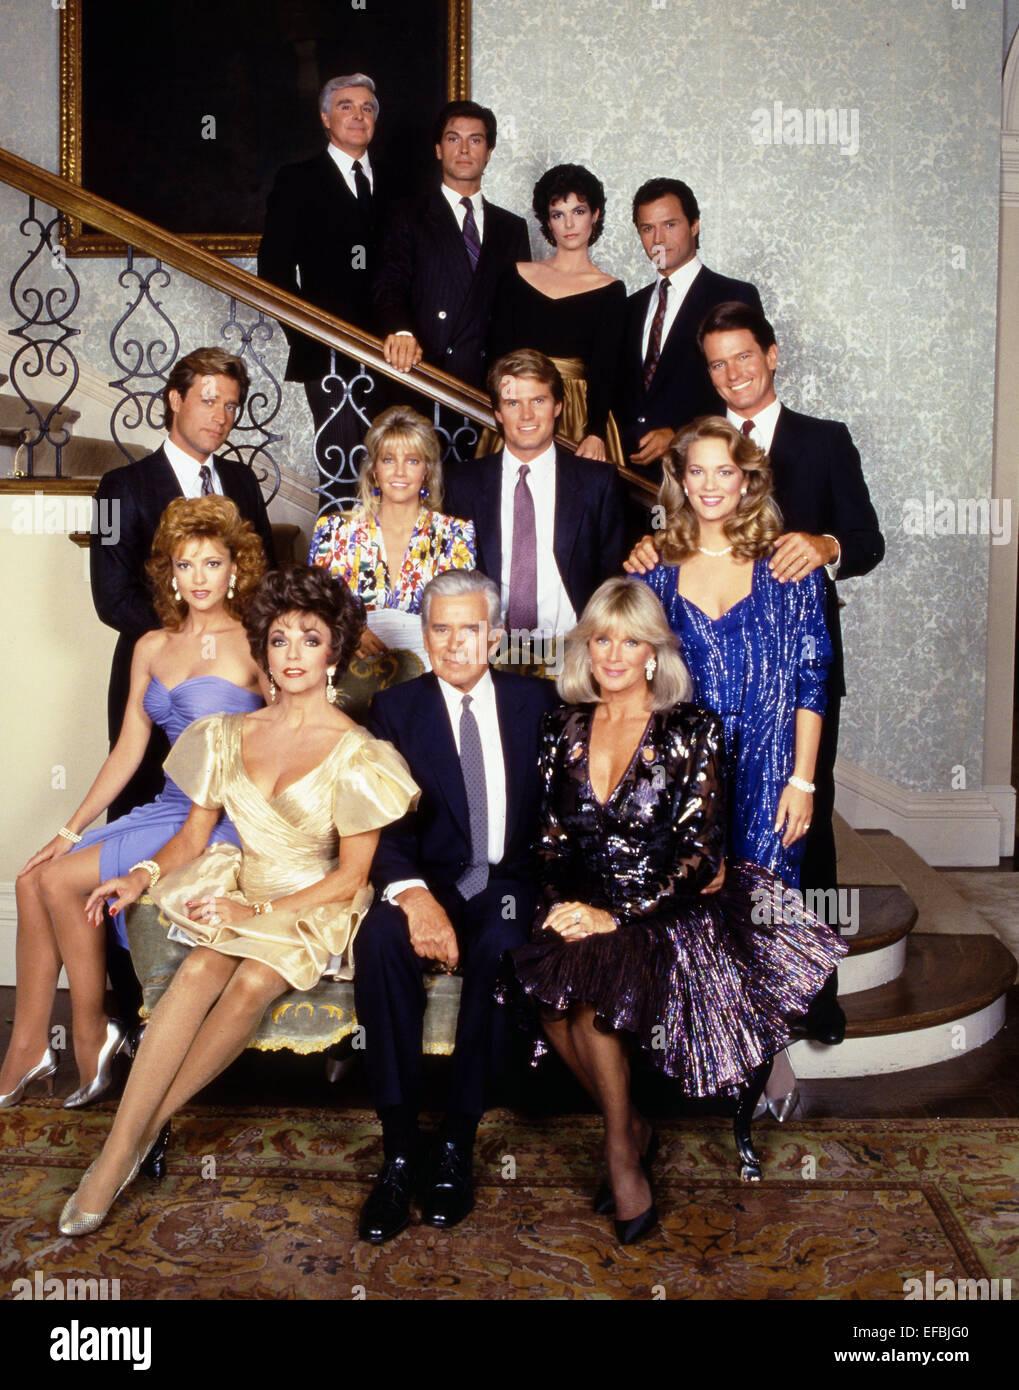 MICHAEL NADER, JOAN COLLINS, JOHN FORSYTHE, LINDA EVANS, EMMA SAMMS, HEATHER LOCKLEAR, JACK COLEMAN, DYNASTY, 1985 - Stock Image